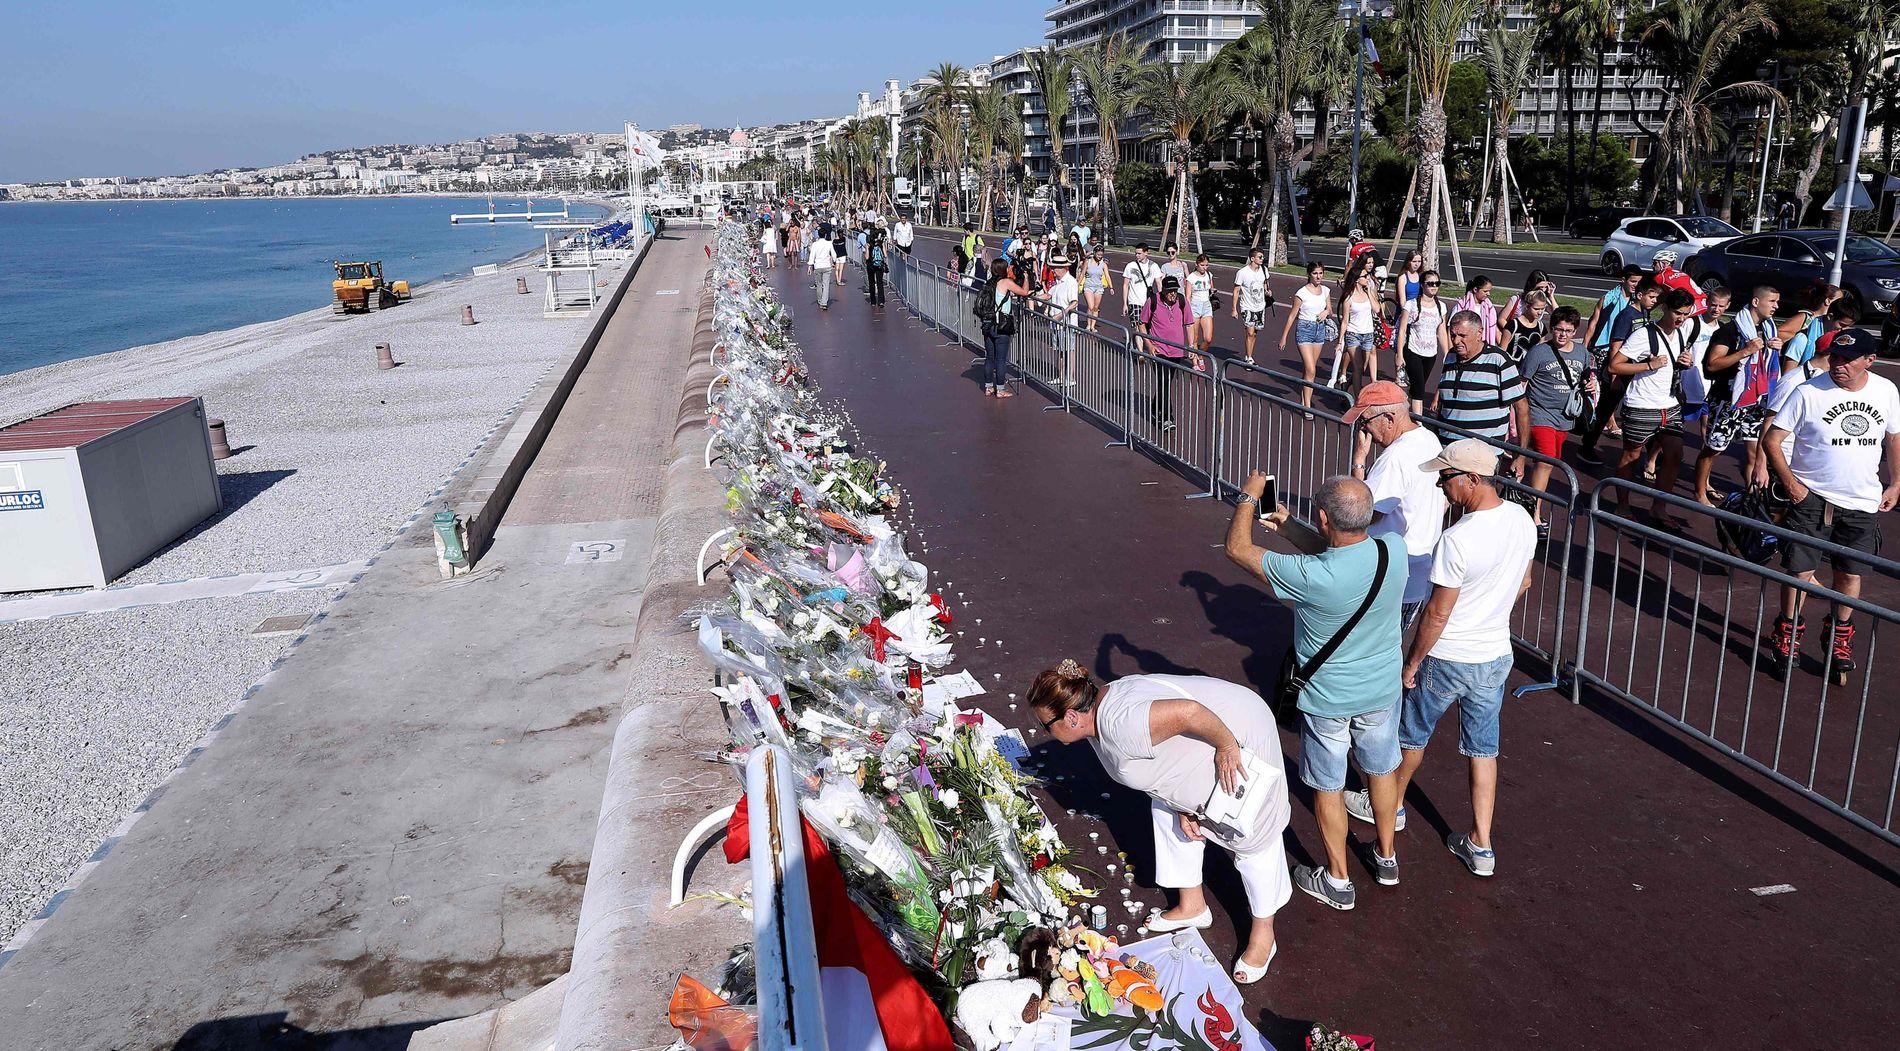 FRANKRIKE MINNES: Tusenvis av blomsterbuketter ble lagt ned langs Promenade des Anglais i Nice i tiden etter terrorangrepet.